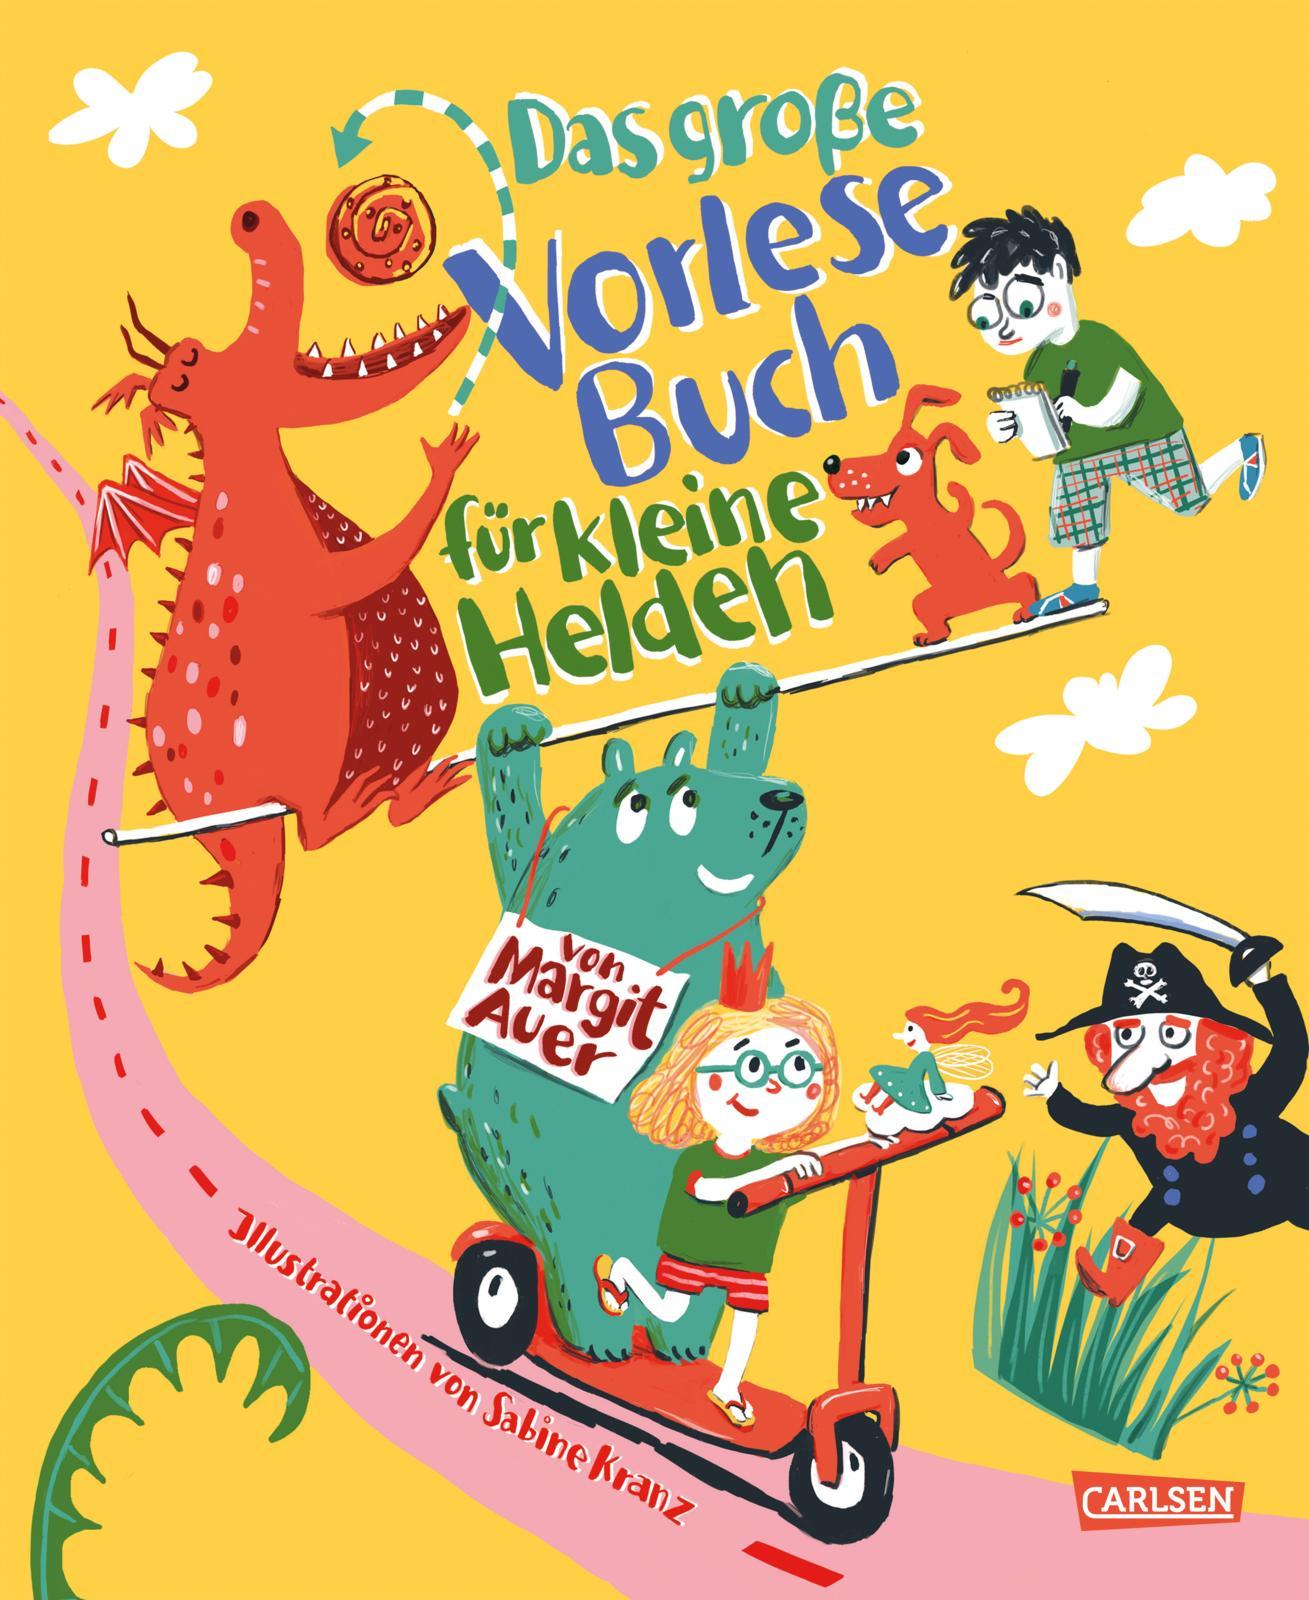 »Das große Vorlesebuch für kleine Helden von Margit Auer« - Carlsen